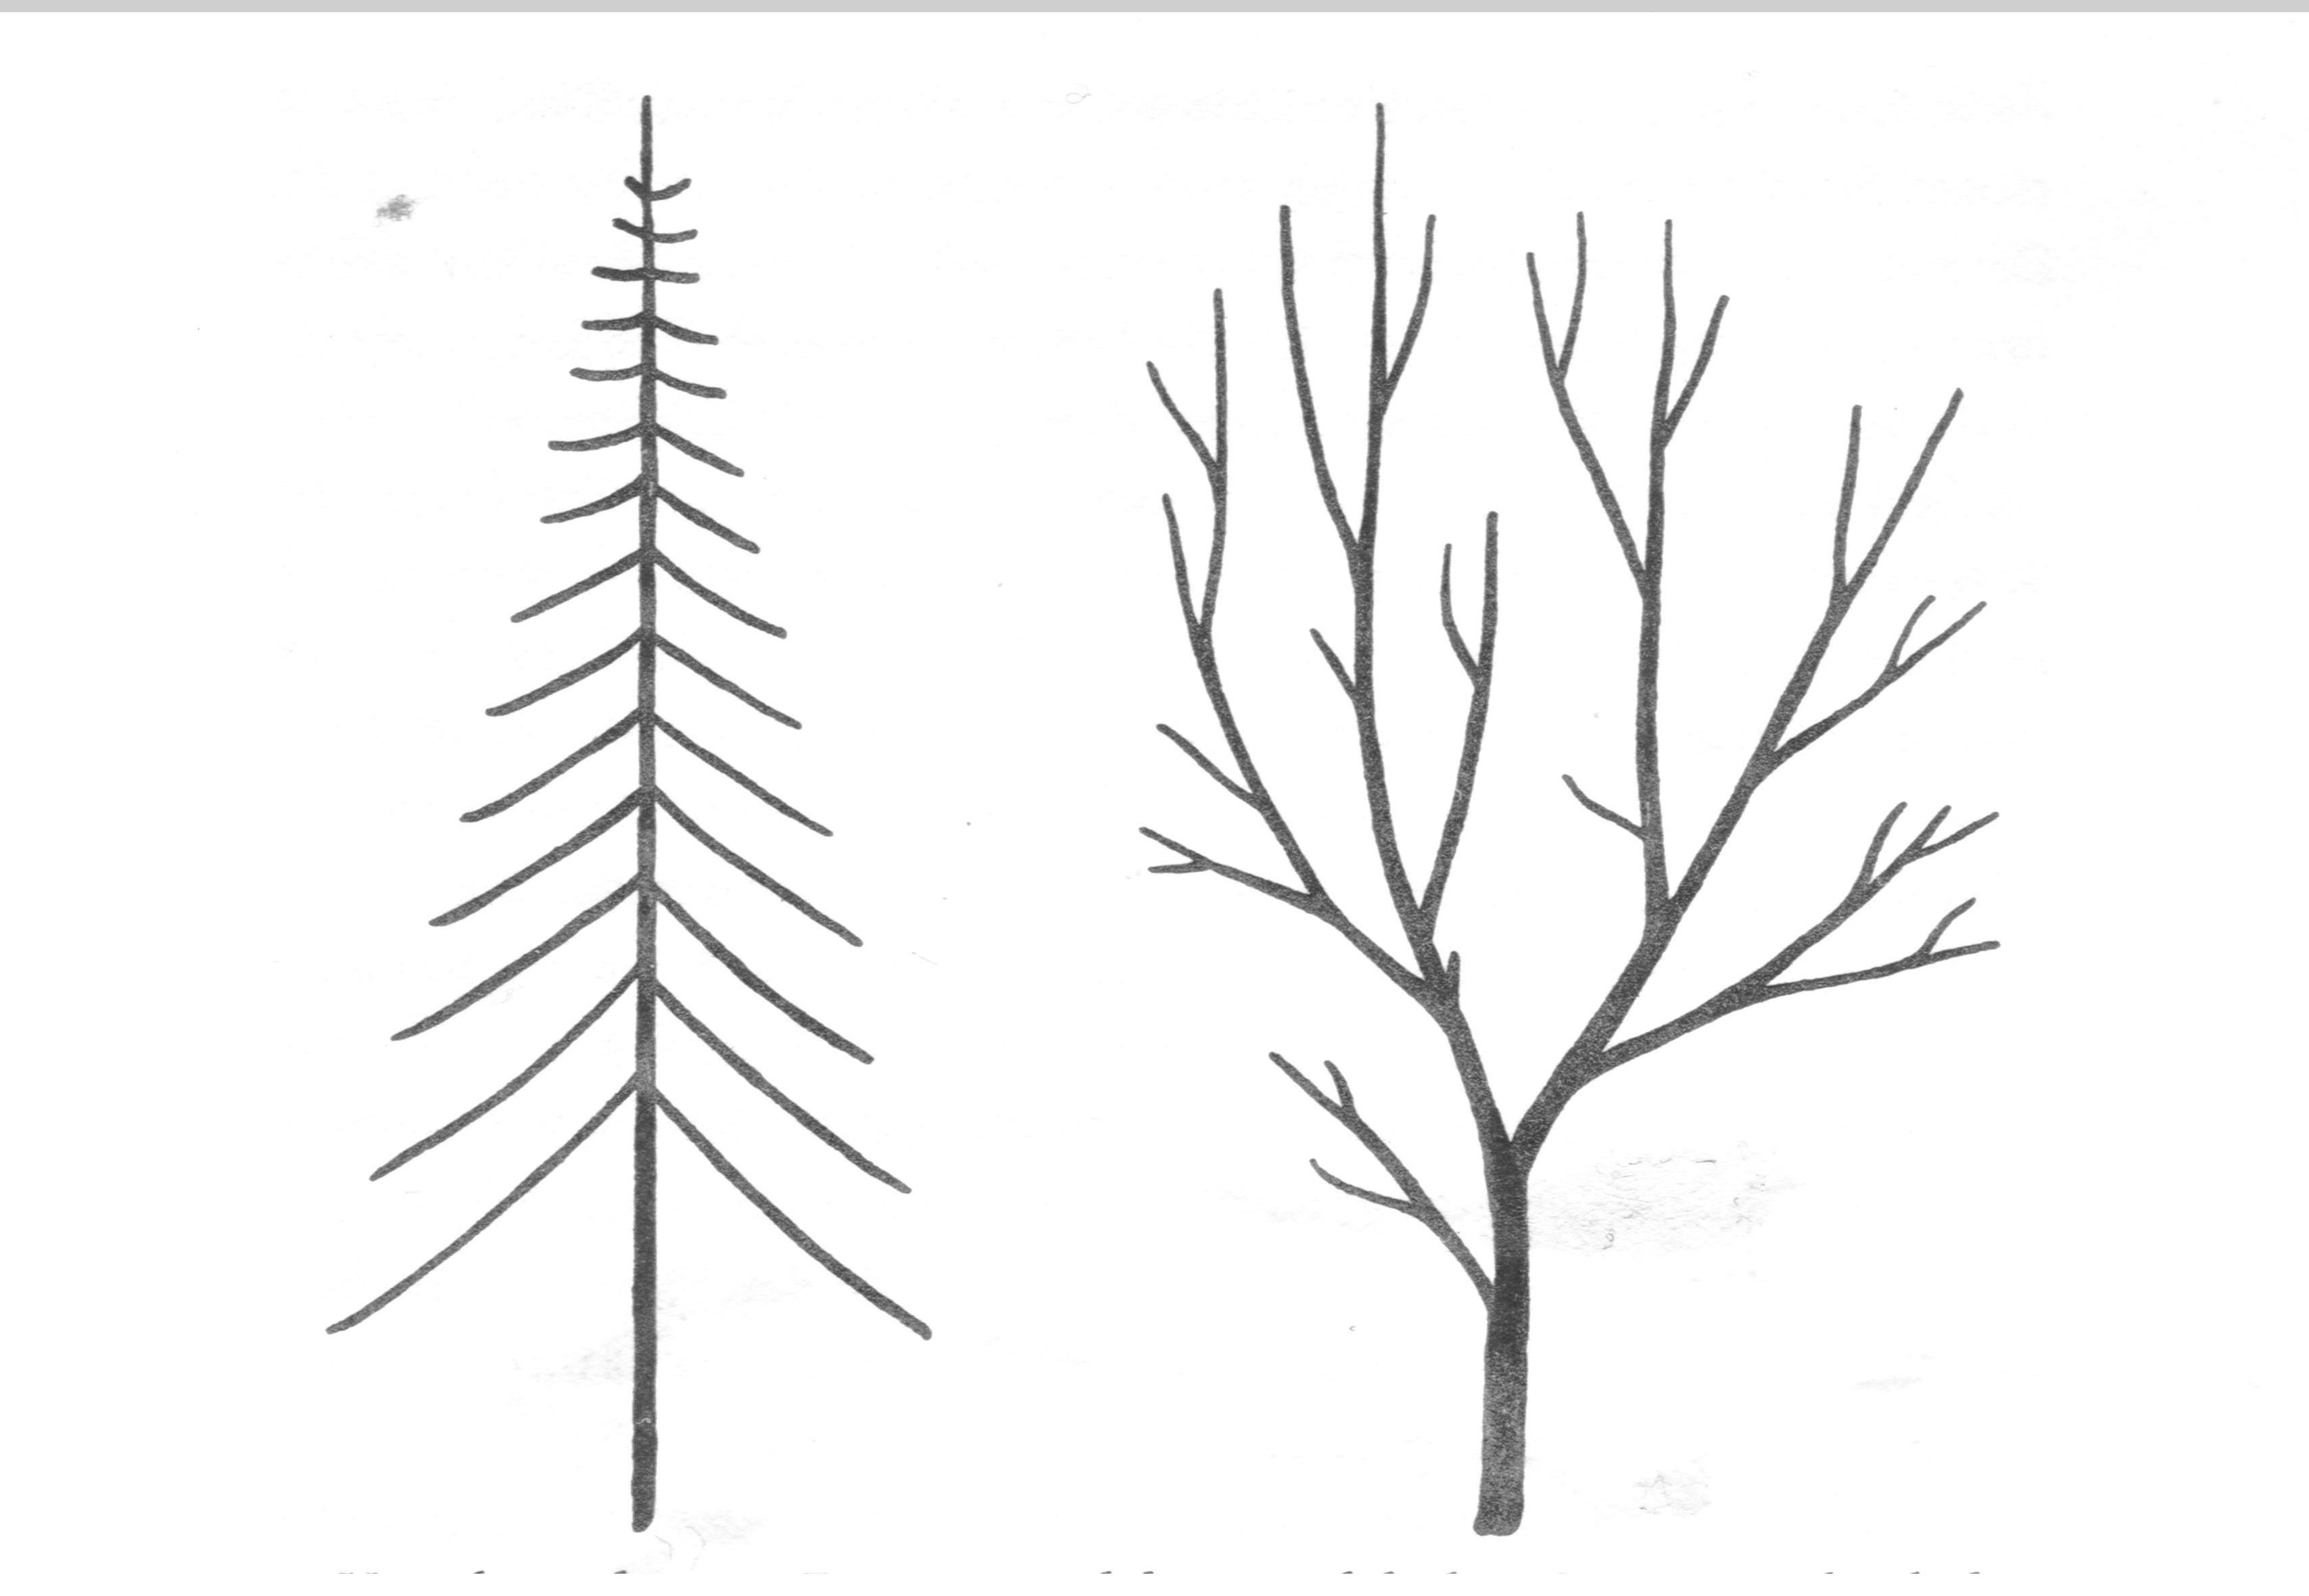 Vrijeschool grohmann leesboek voor de plantkunde 20 vrijeschool - Hoe een boom te verlichten ...